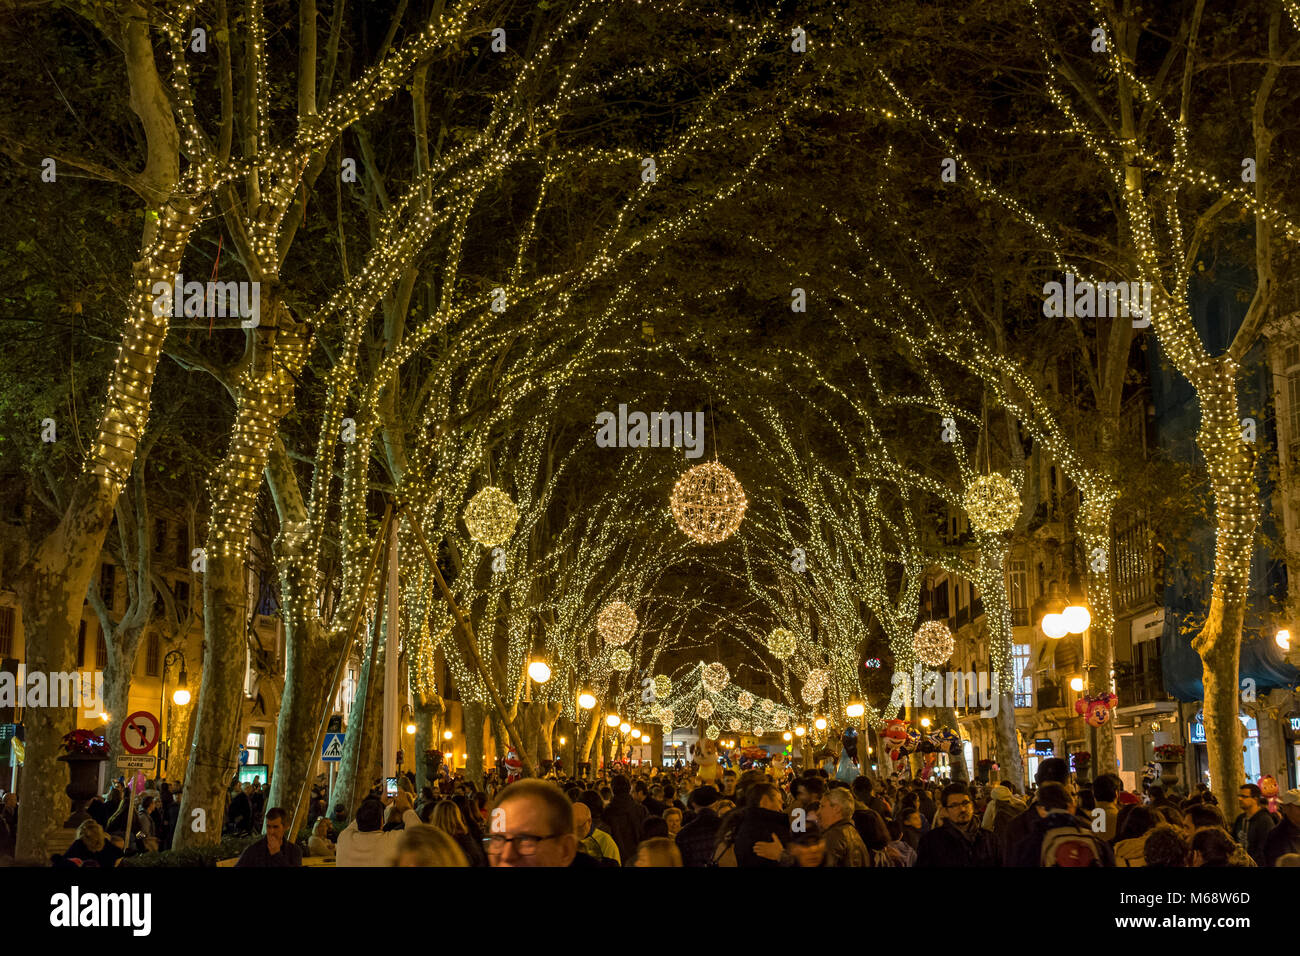 Weihnachtliche Festbeleuchtung in Palma de Mallorca, auf dem 'Born' - Stock Image